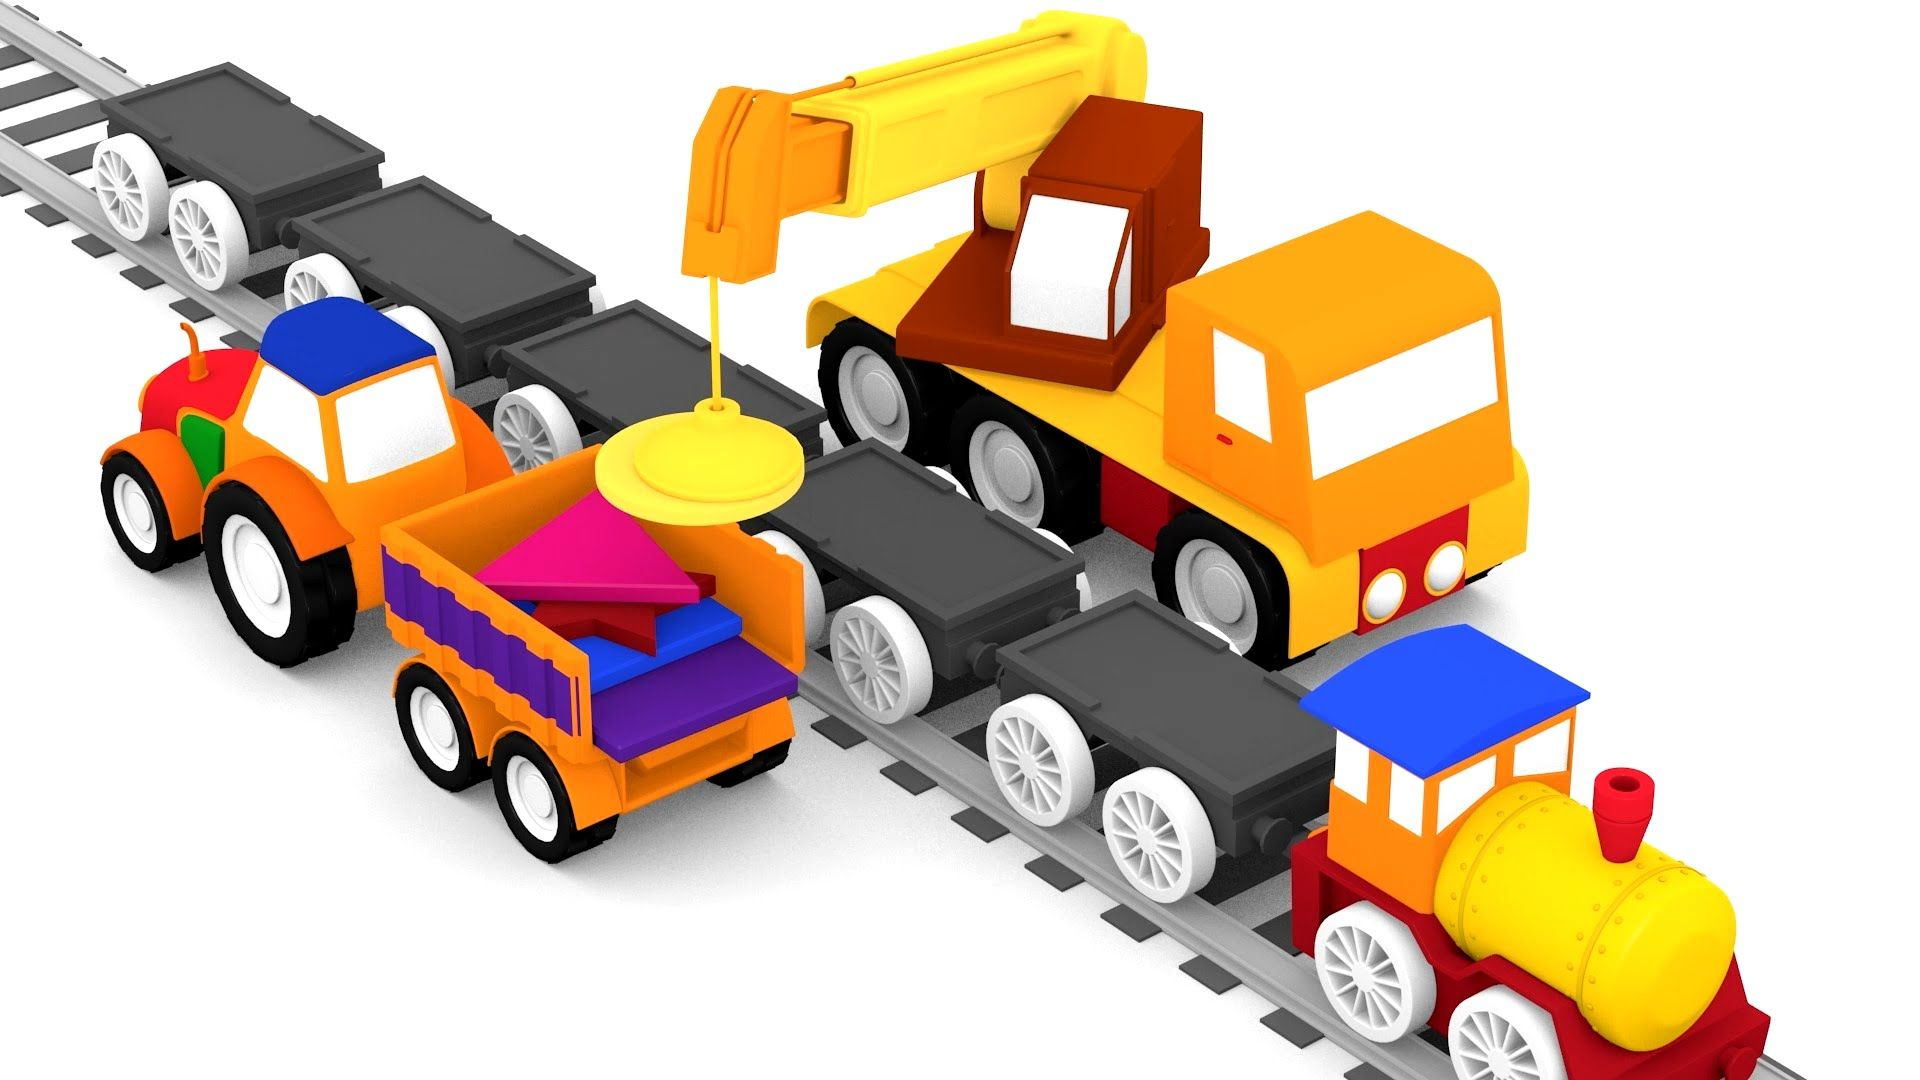 아이들을 위한 애니메이션. 4대의 자동차. 트랙터 조립과 도형들. 4 cars. Tractor and geometric shapes.